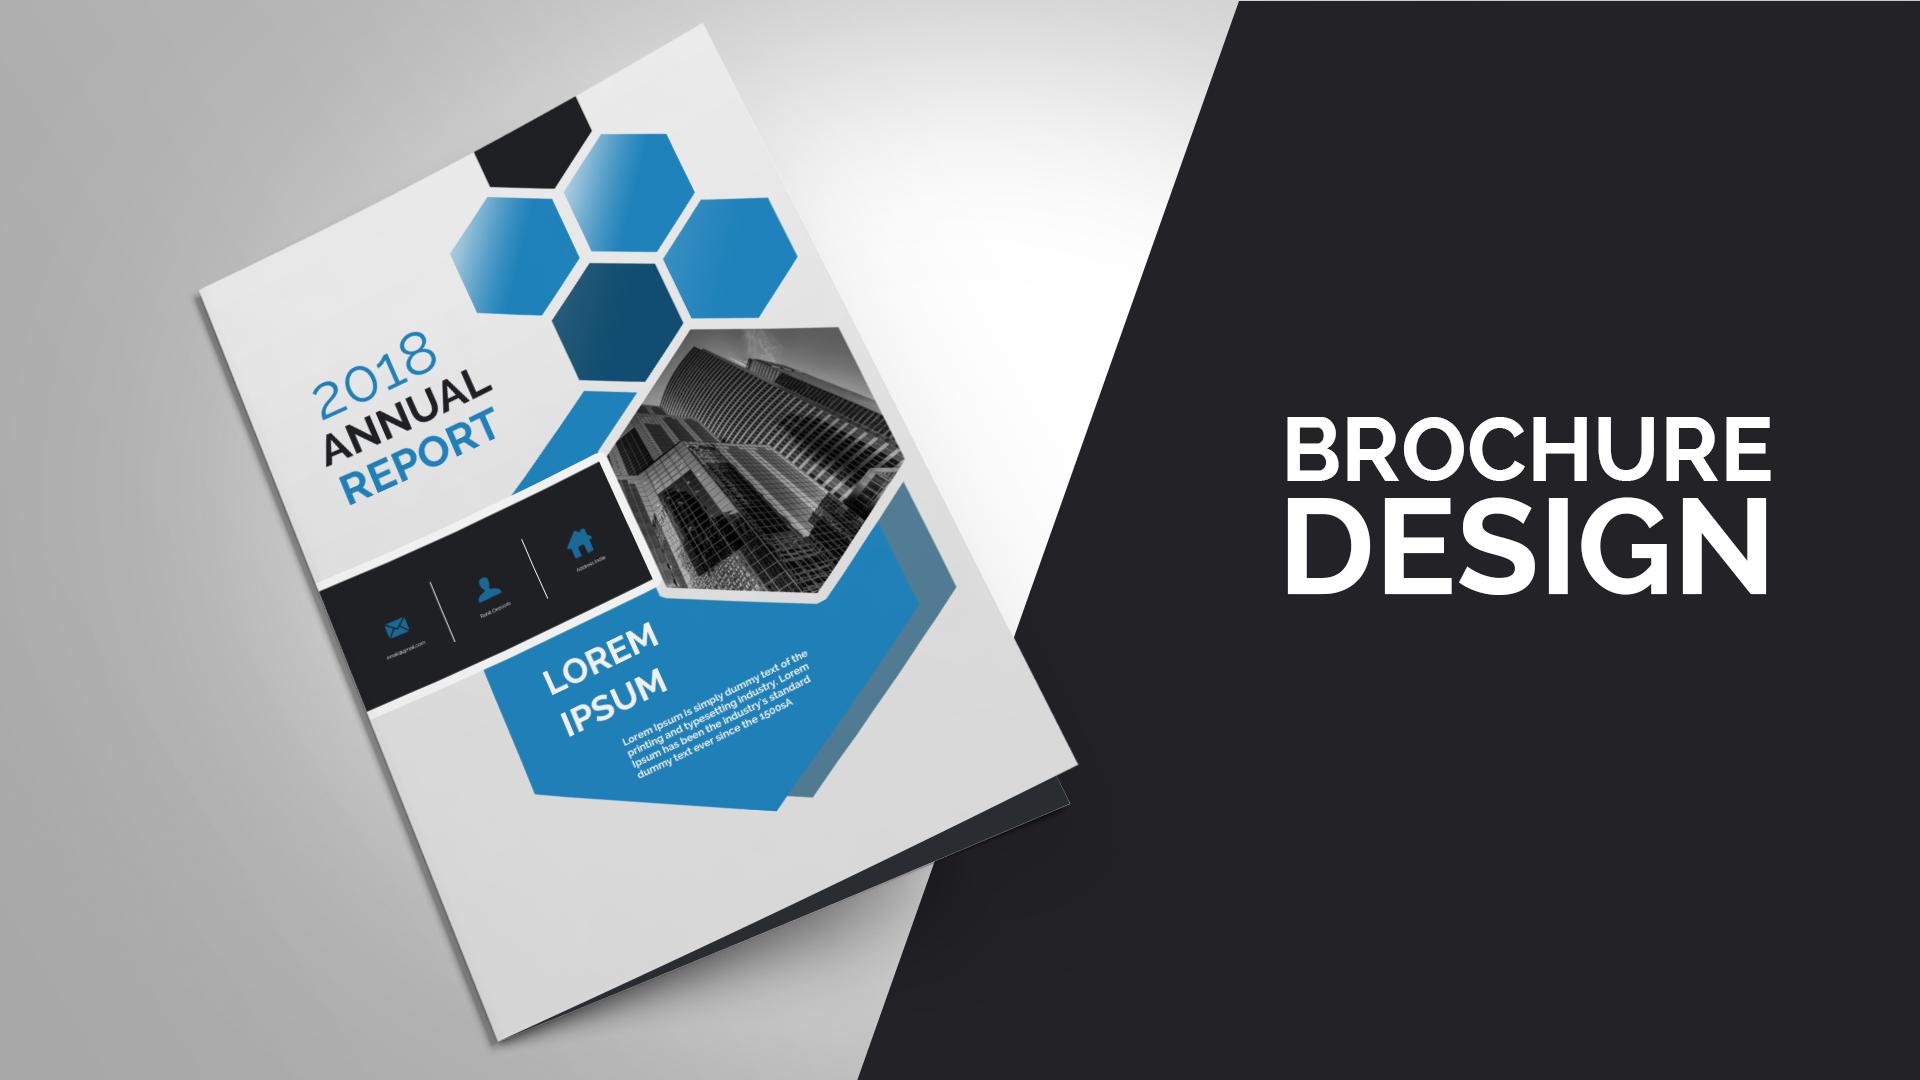 2 how to design brochure in photoshop cs6 brochure